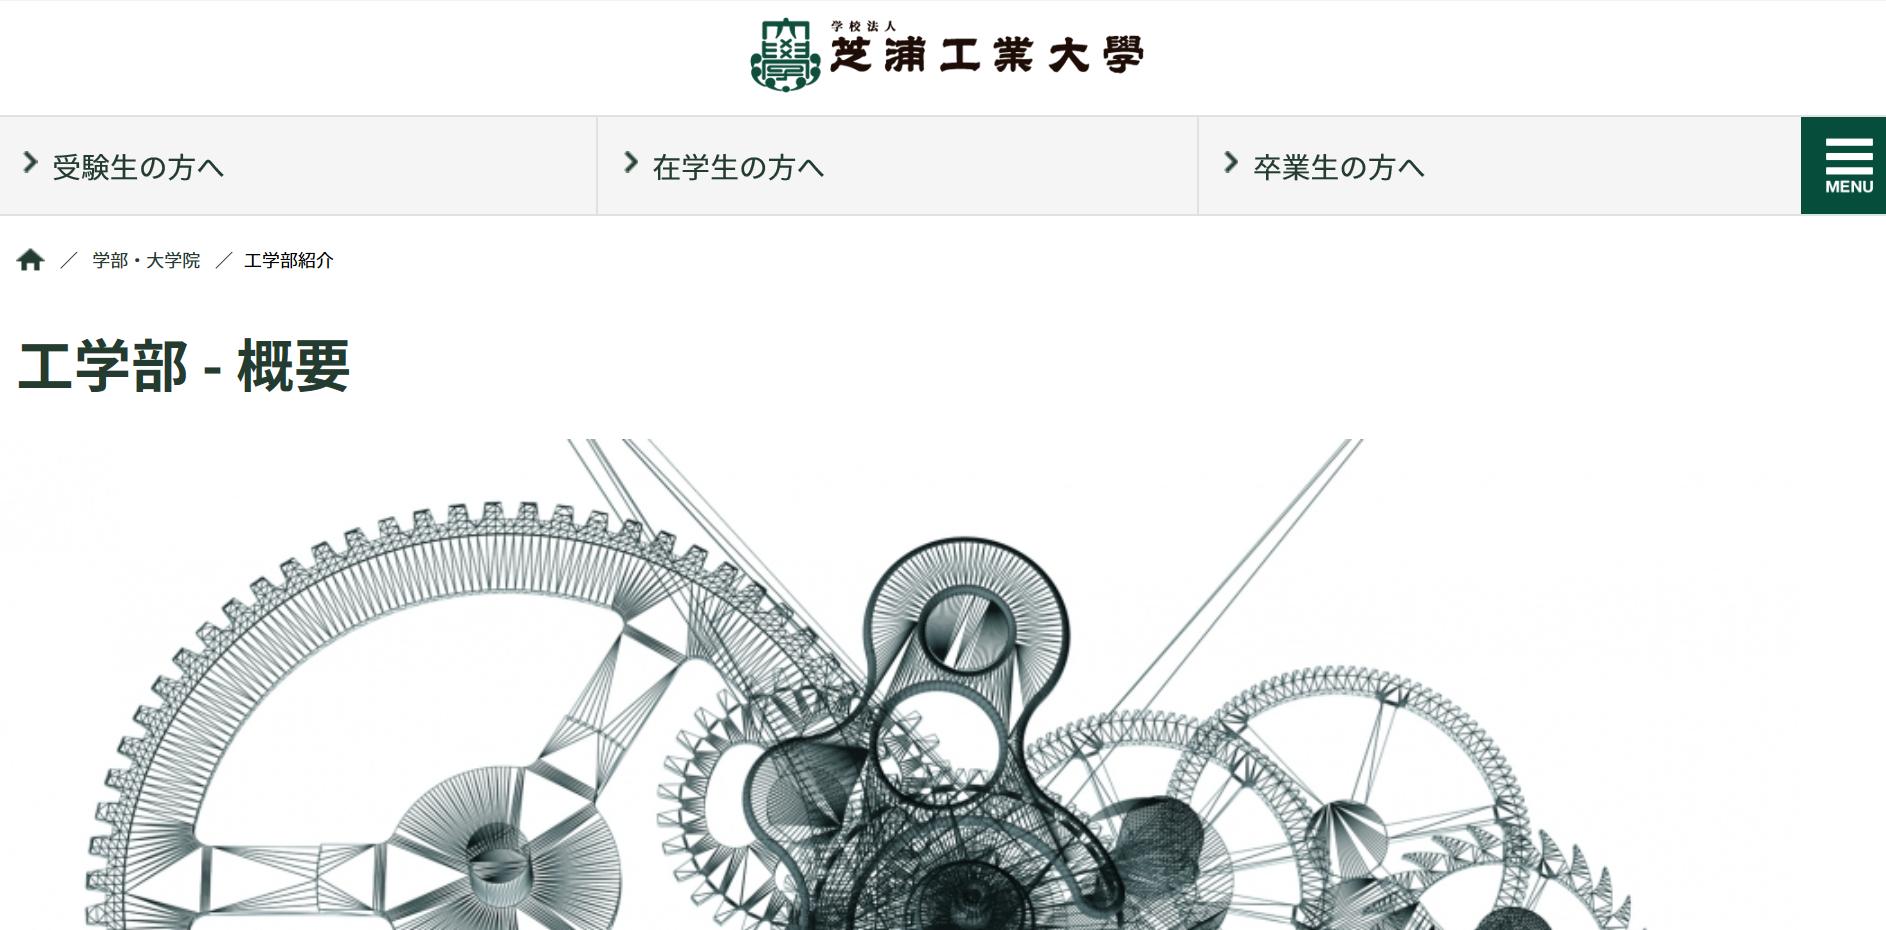 芝浦工業大学の評判・口コミ【工学部編】